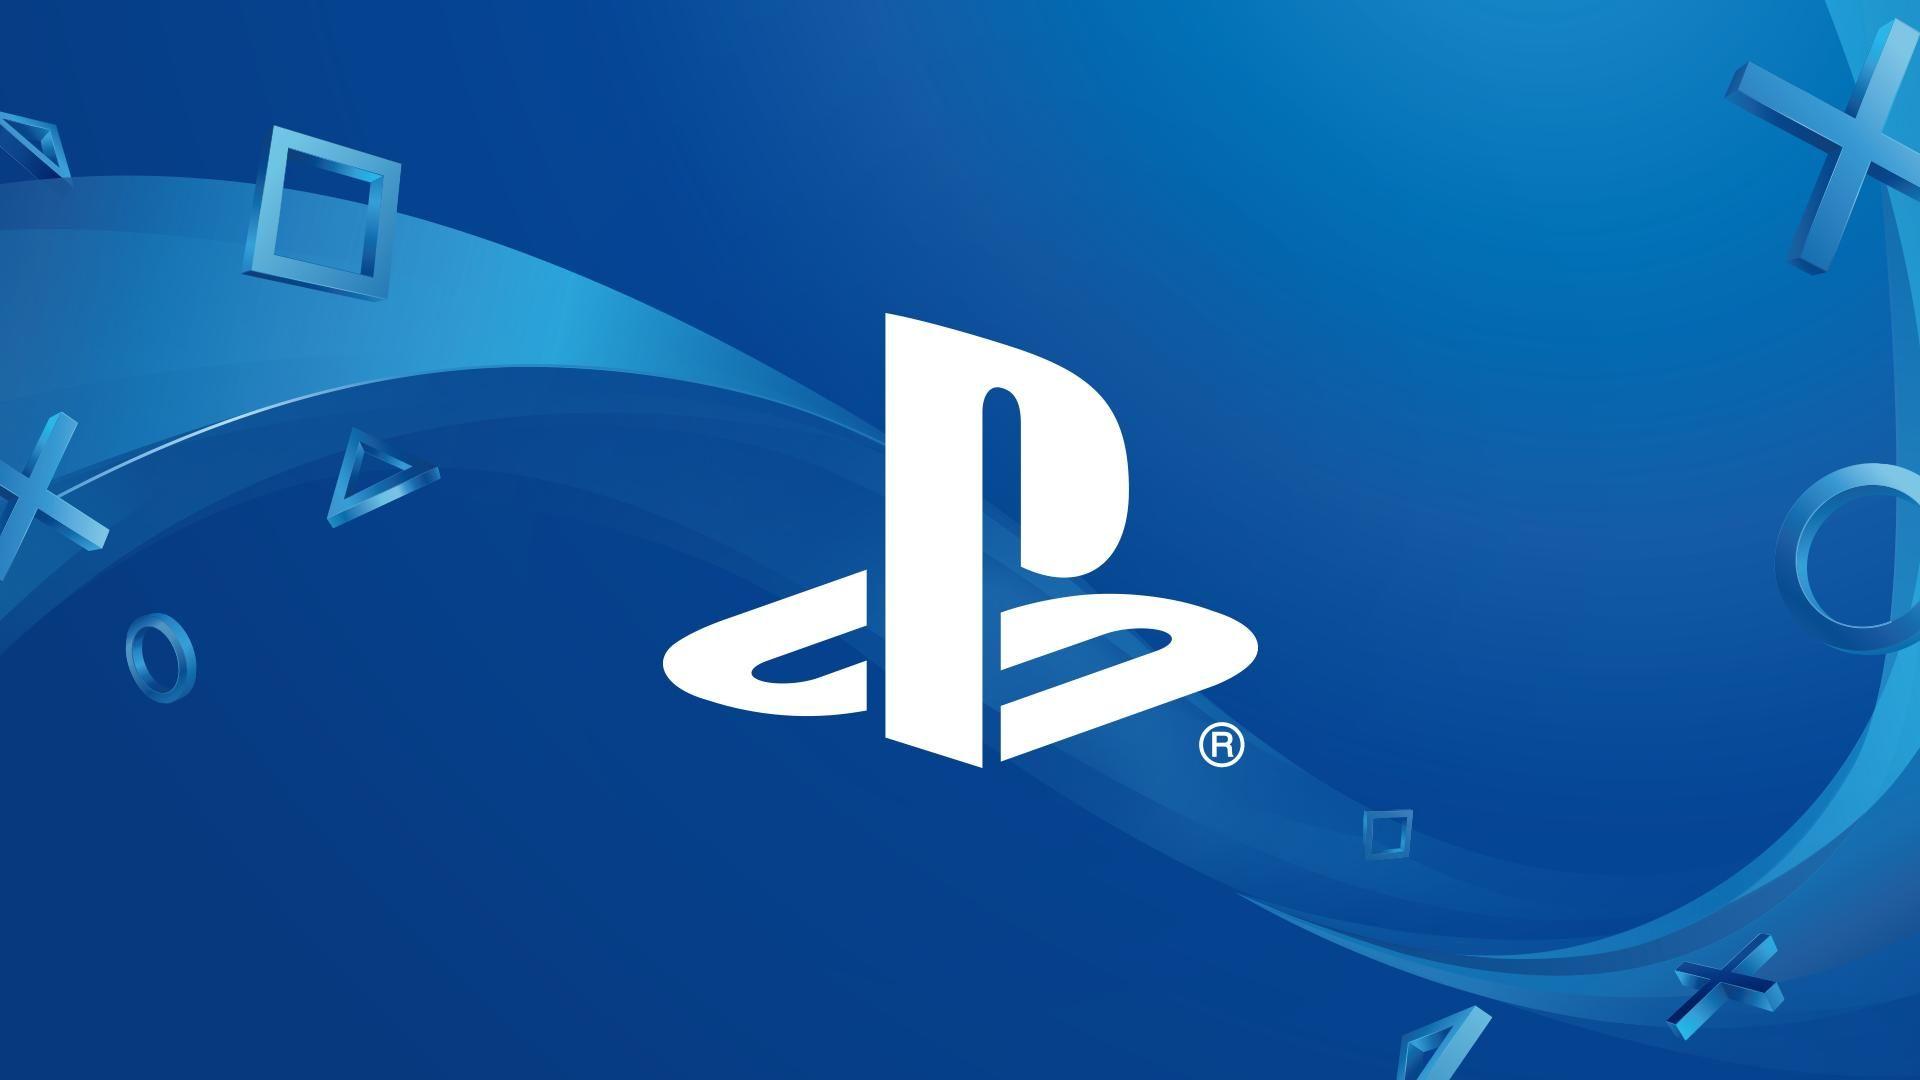 索尼宣布PS5将在2020年末发售